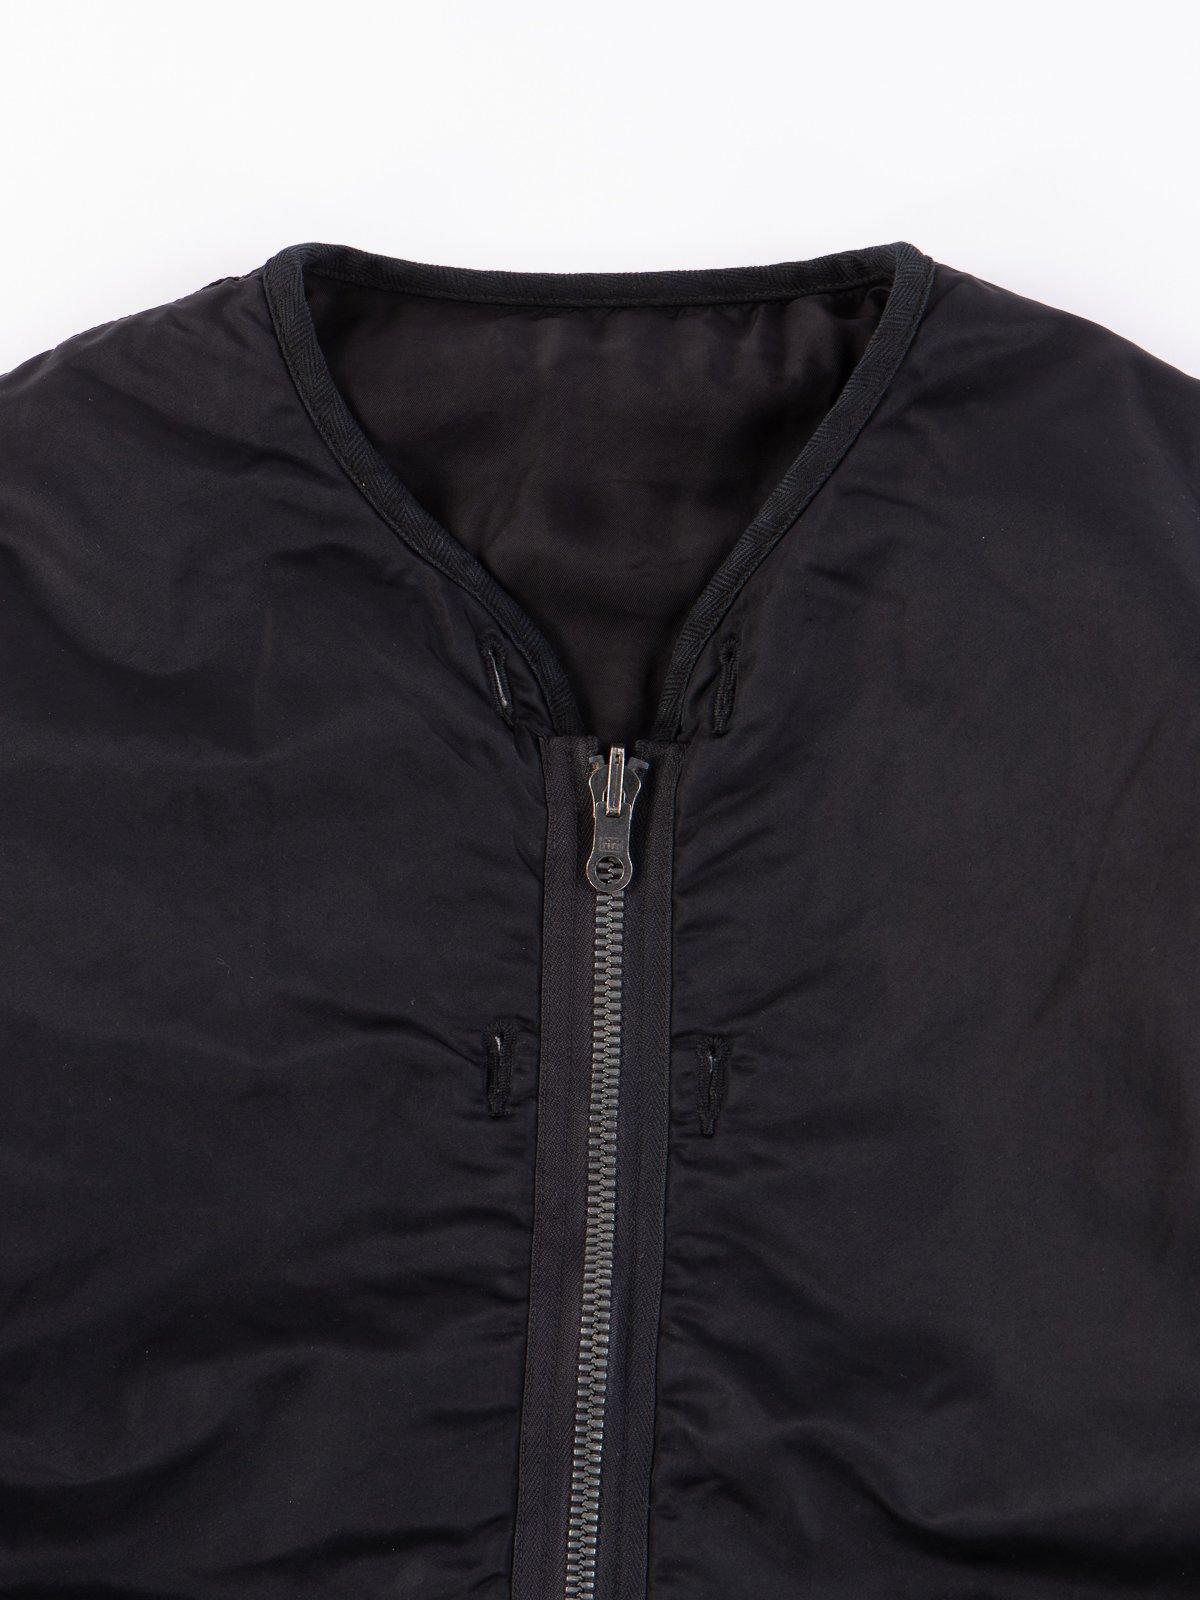 Black Iris Liner Jacket - Image 2